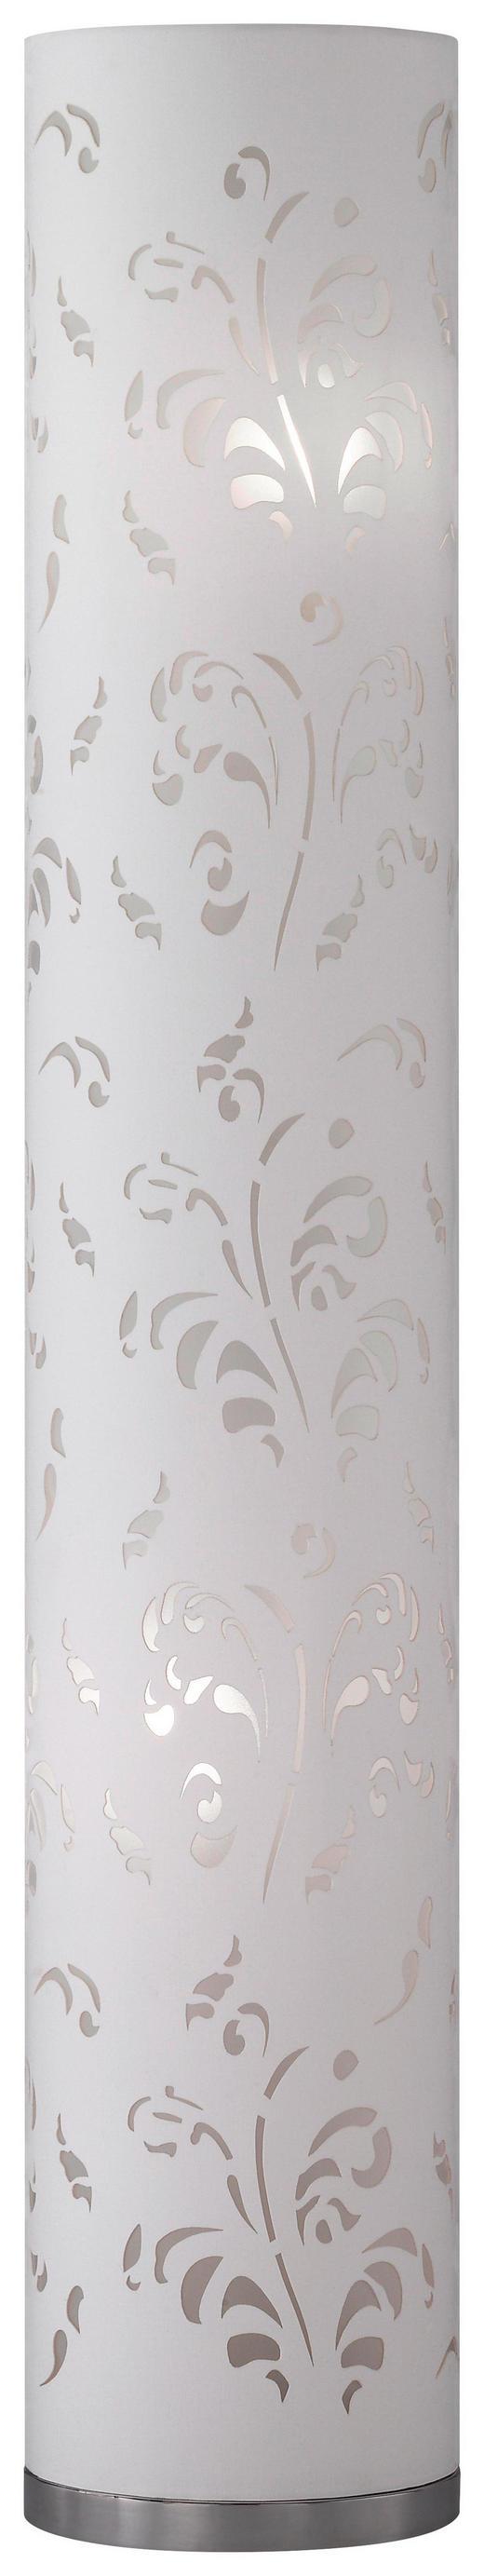 STEHLEUCHTE - Chromfarben/Weiß, KONVENTIONELL, Textil/Metall (110cm)